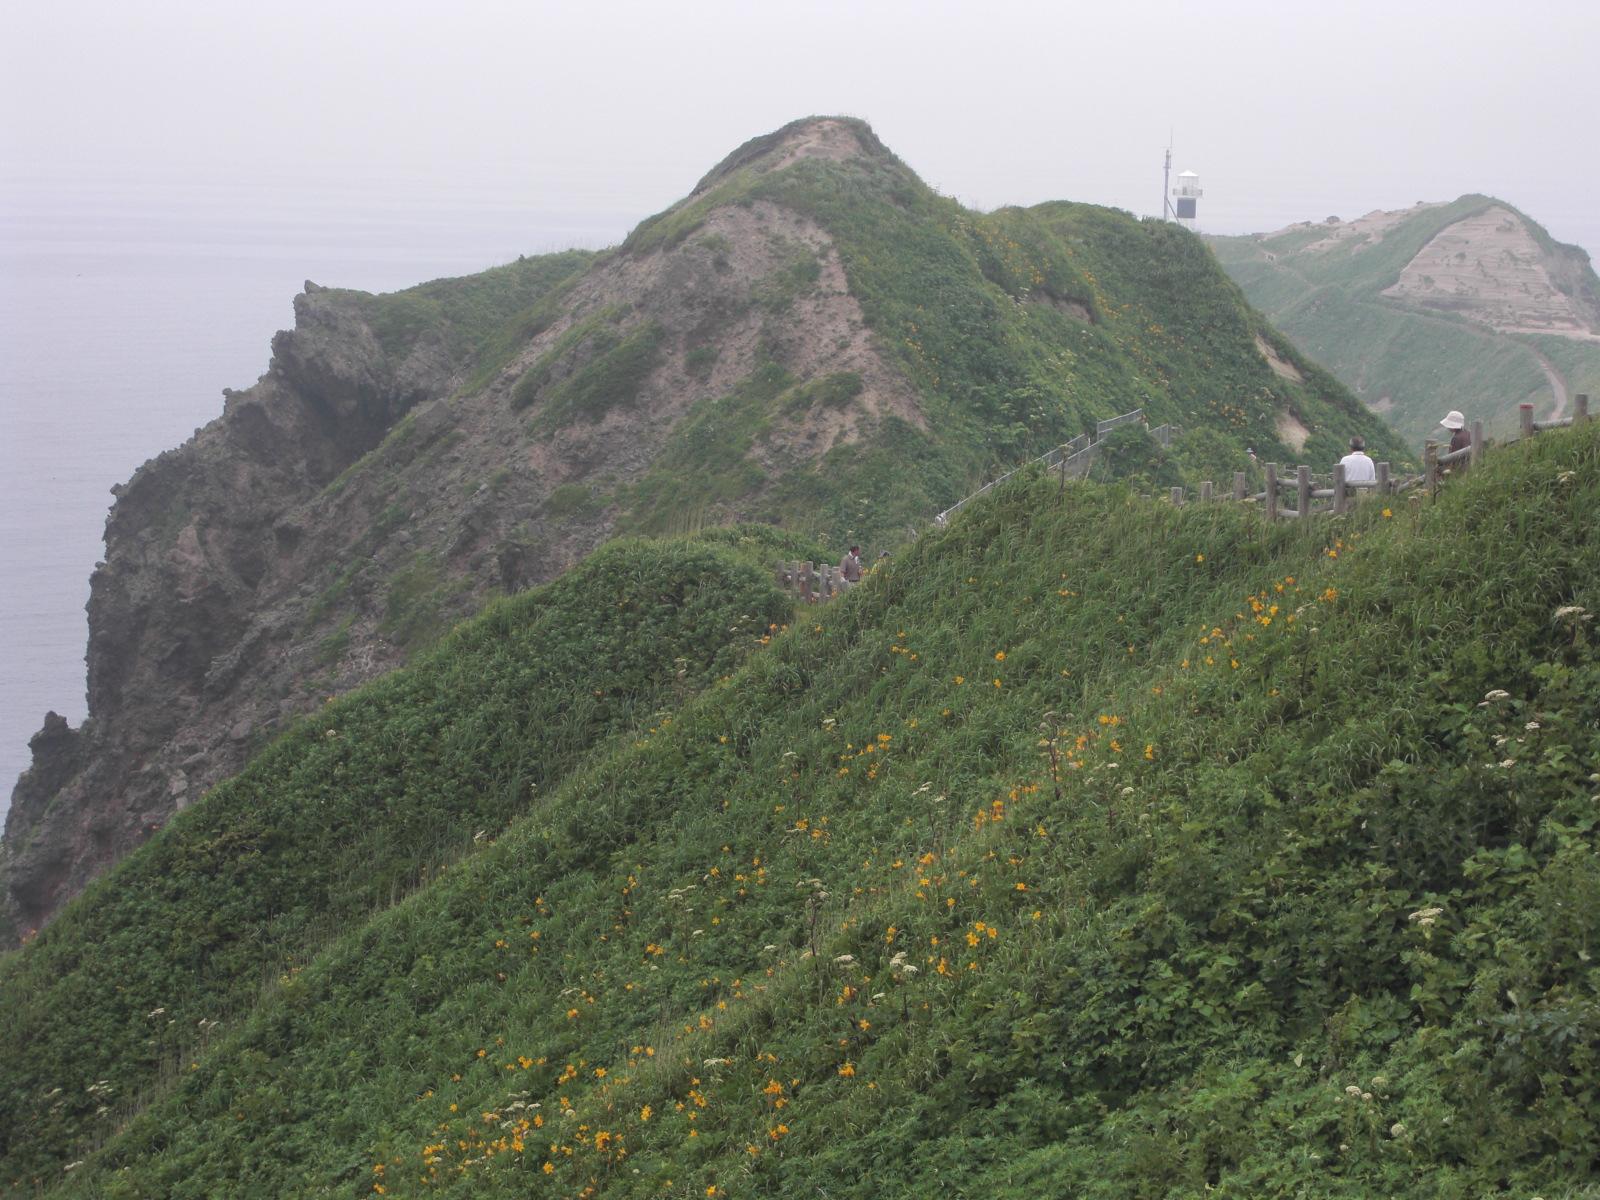 【積丹】積丹神威岬・念仏トンネル観光案内です。